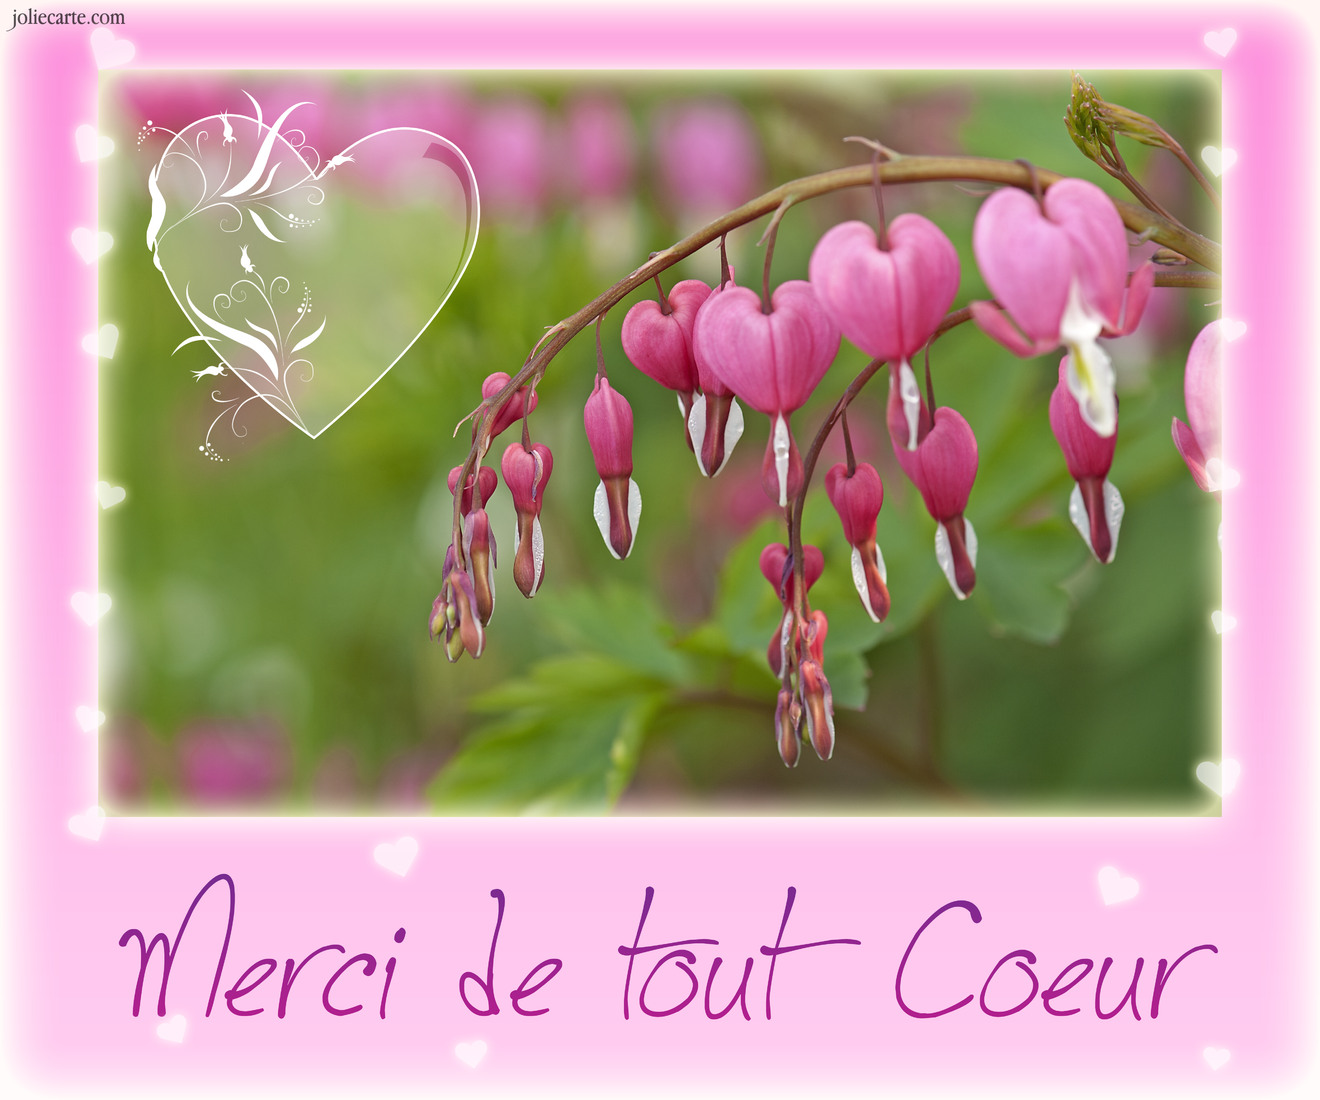 Cartes virtuelles merci coeur joliecarte - Image de coeur gratuit ...